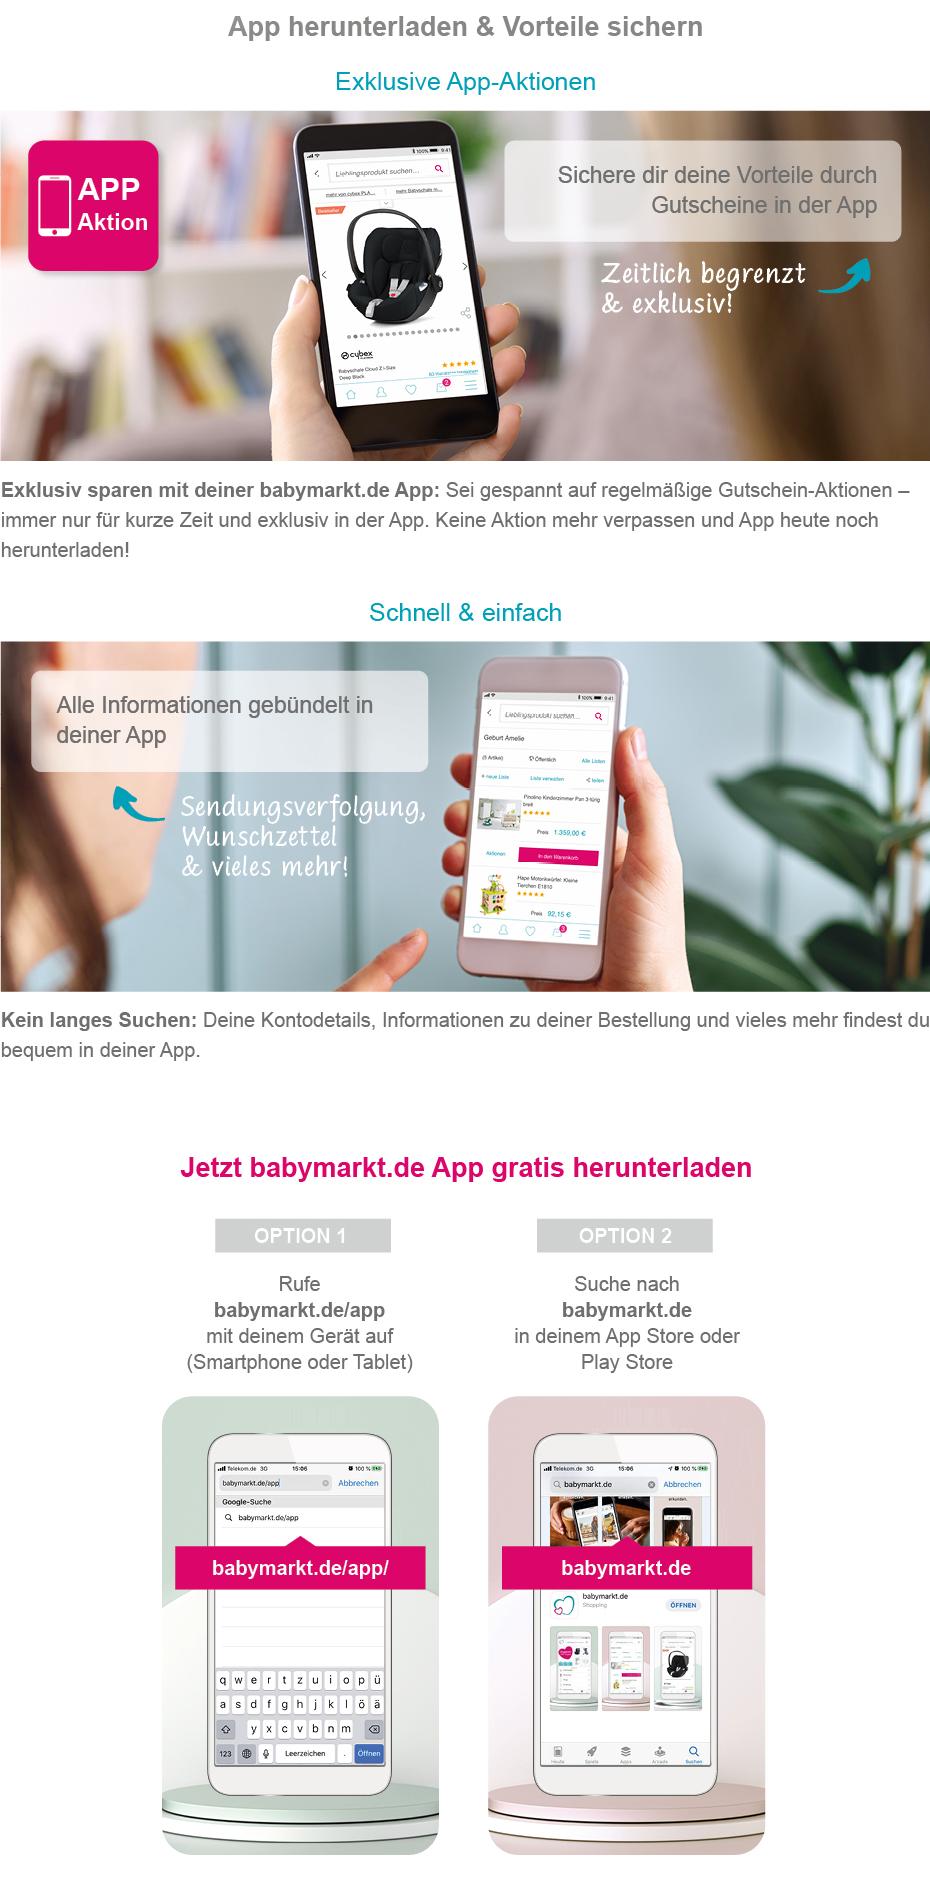 App herunterladen & Vorteile sichern